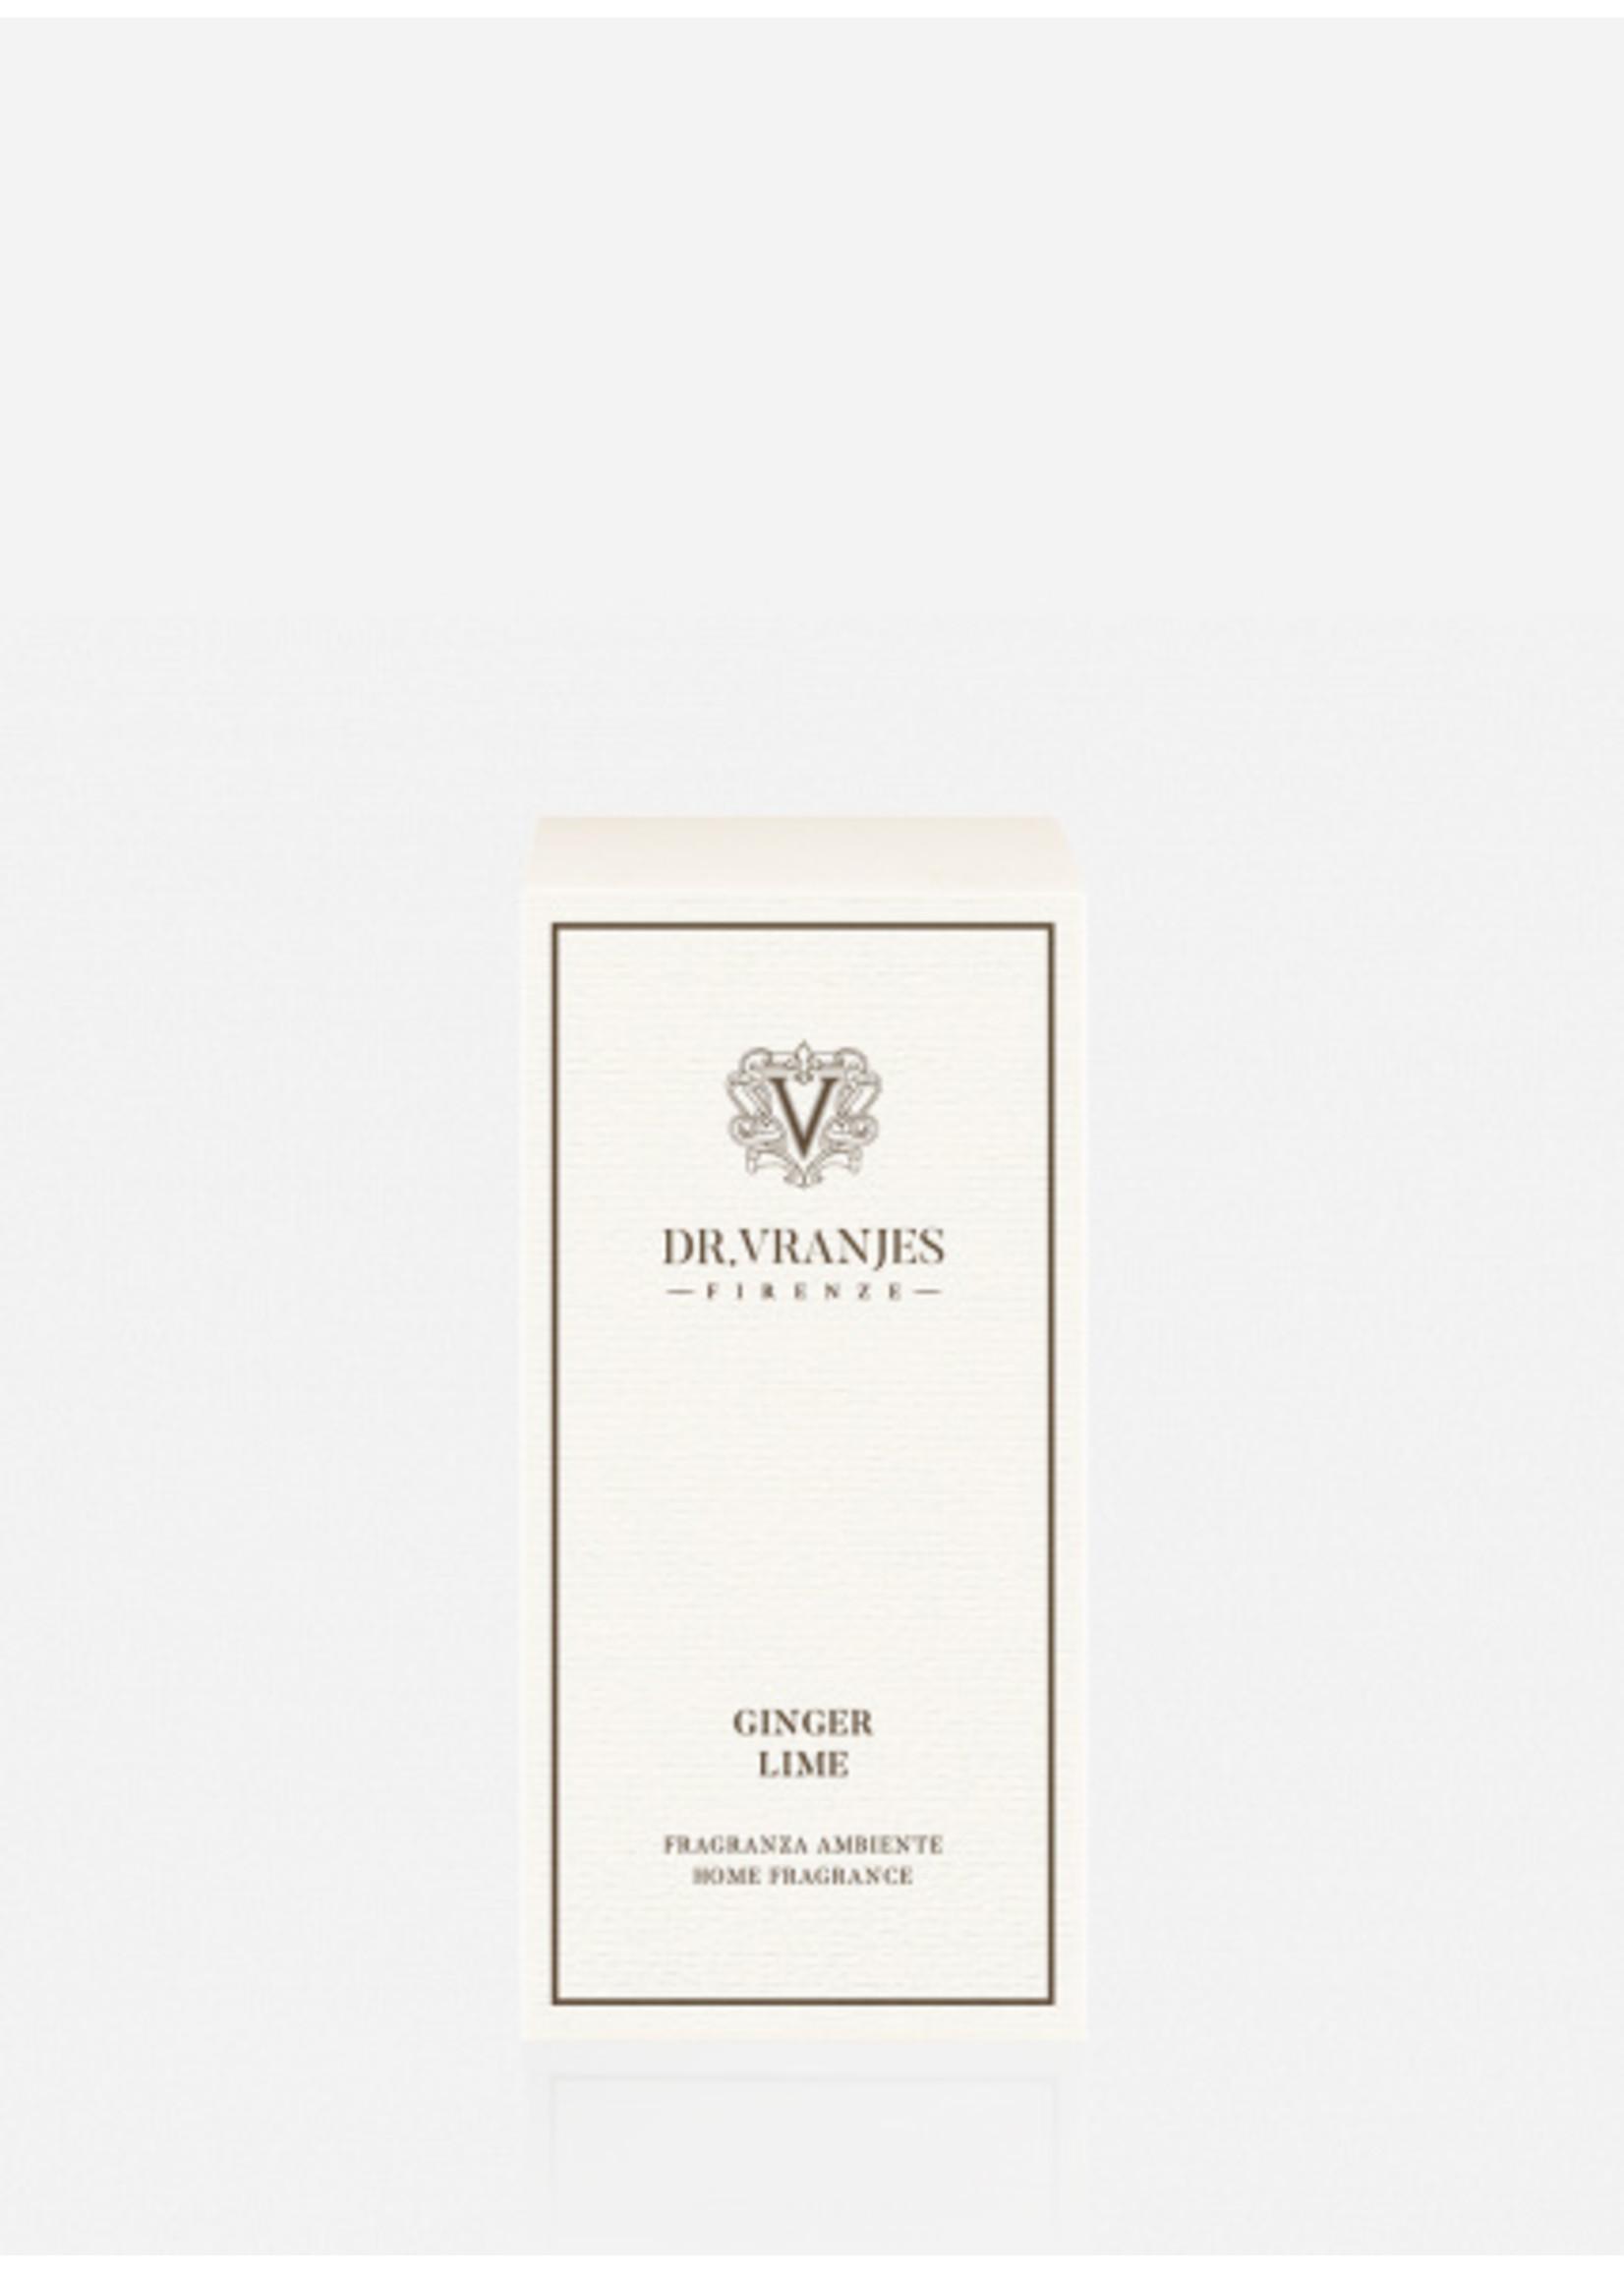 Dr. Vranjes Ginger lime 250 ml